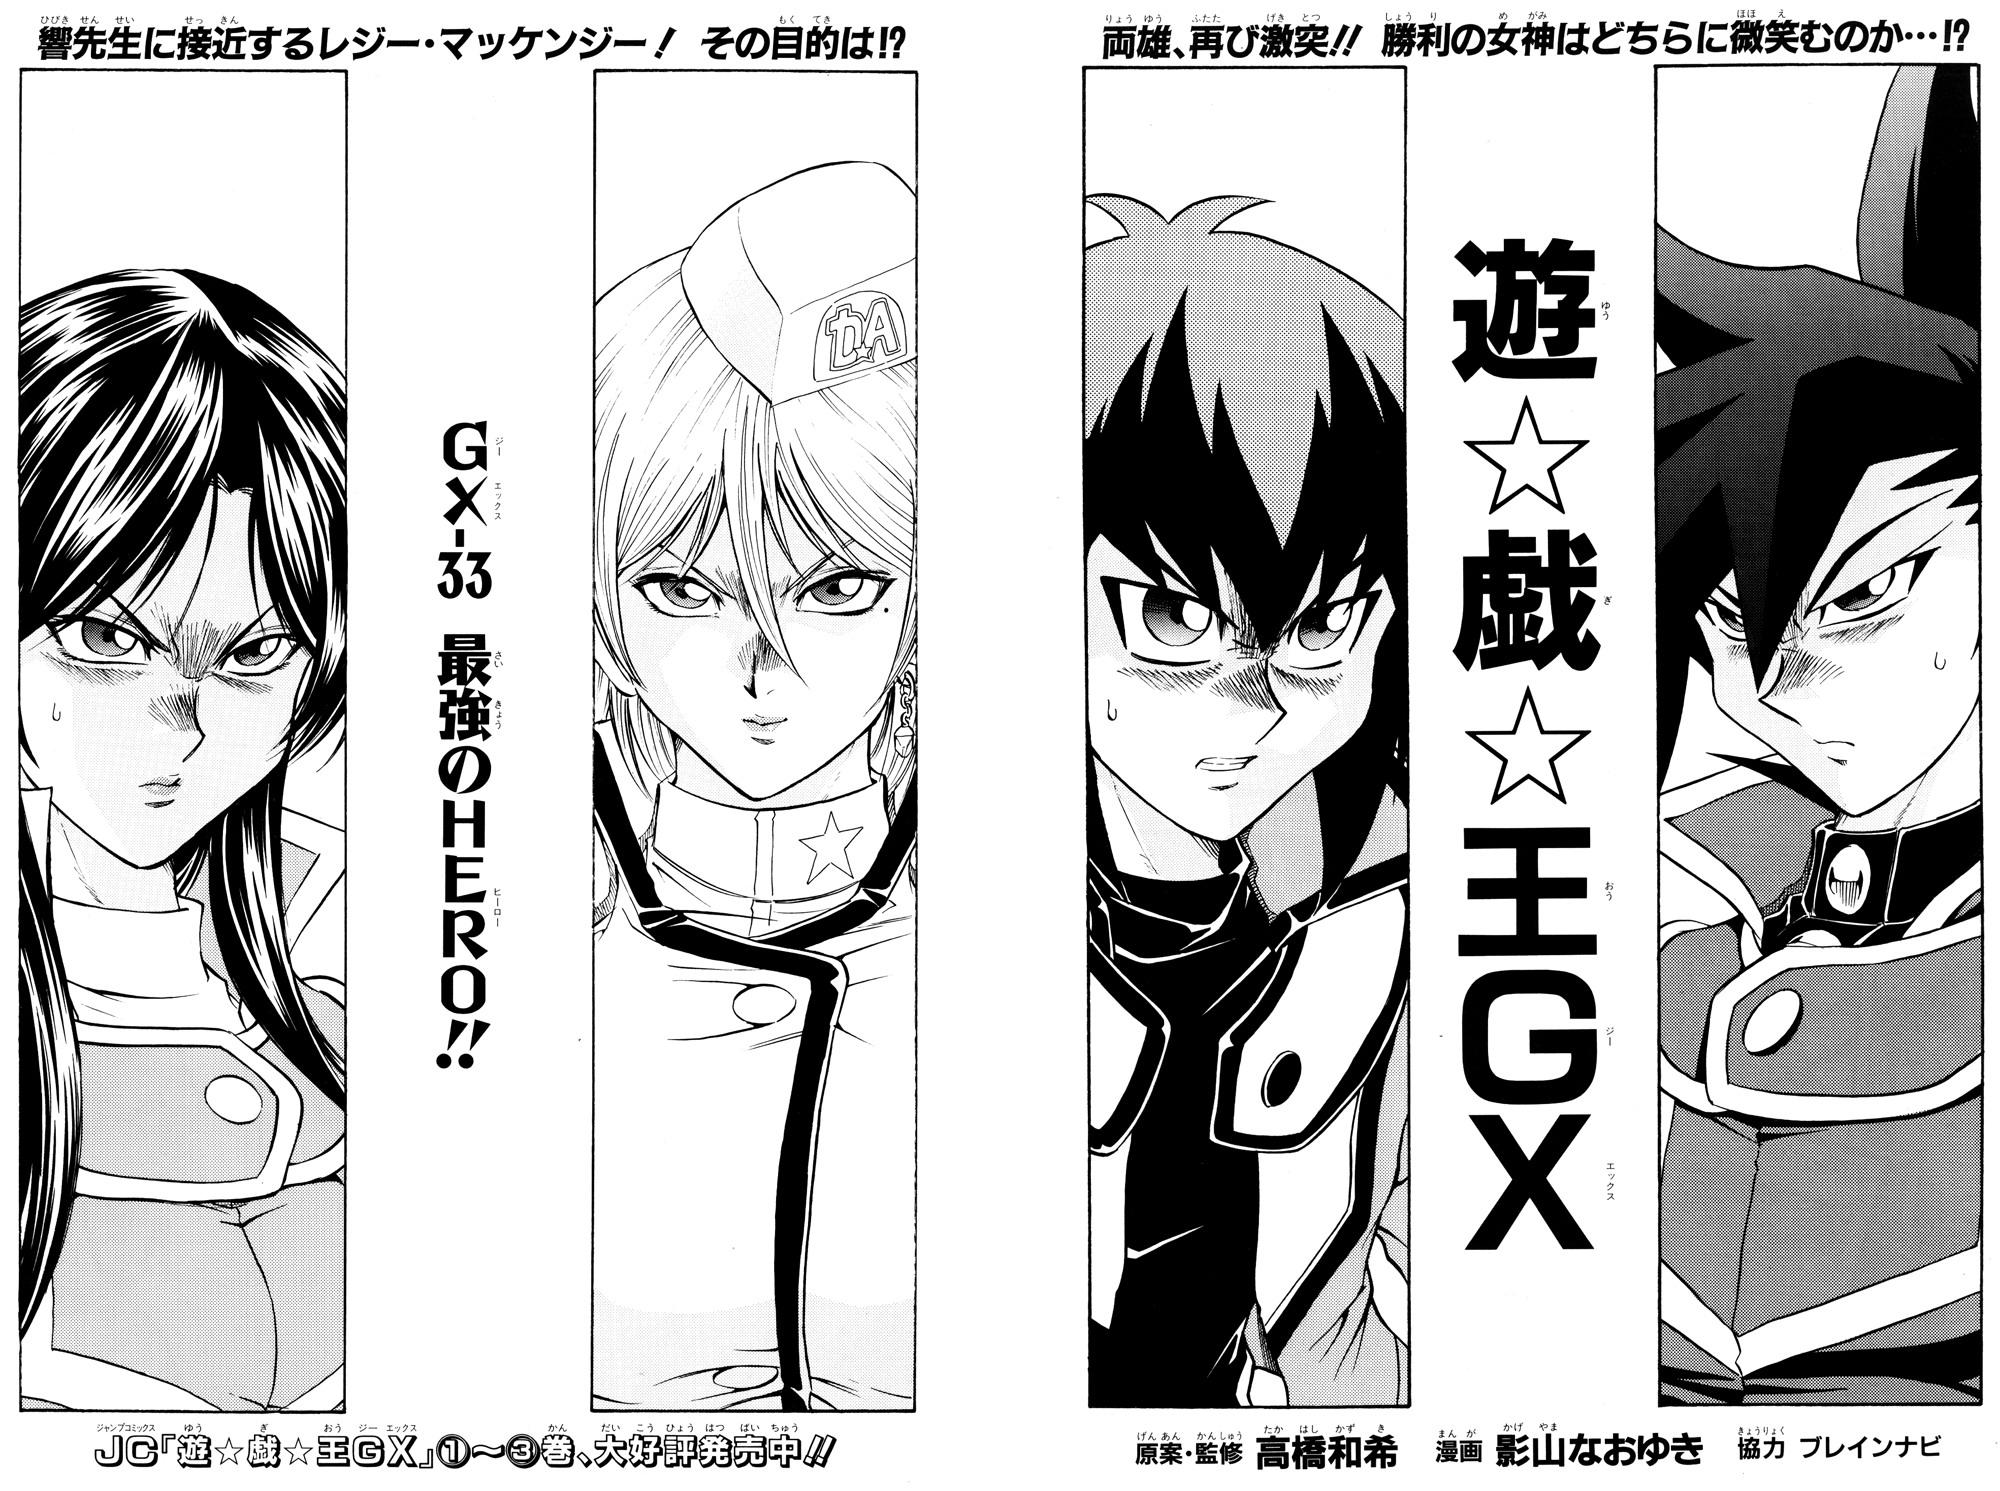 Yu-Gi-Oh! GX - Chapter 033   Yu-Gi-Oh!   FANDOM powered by